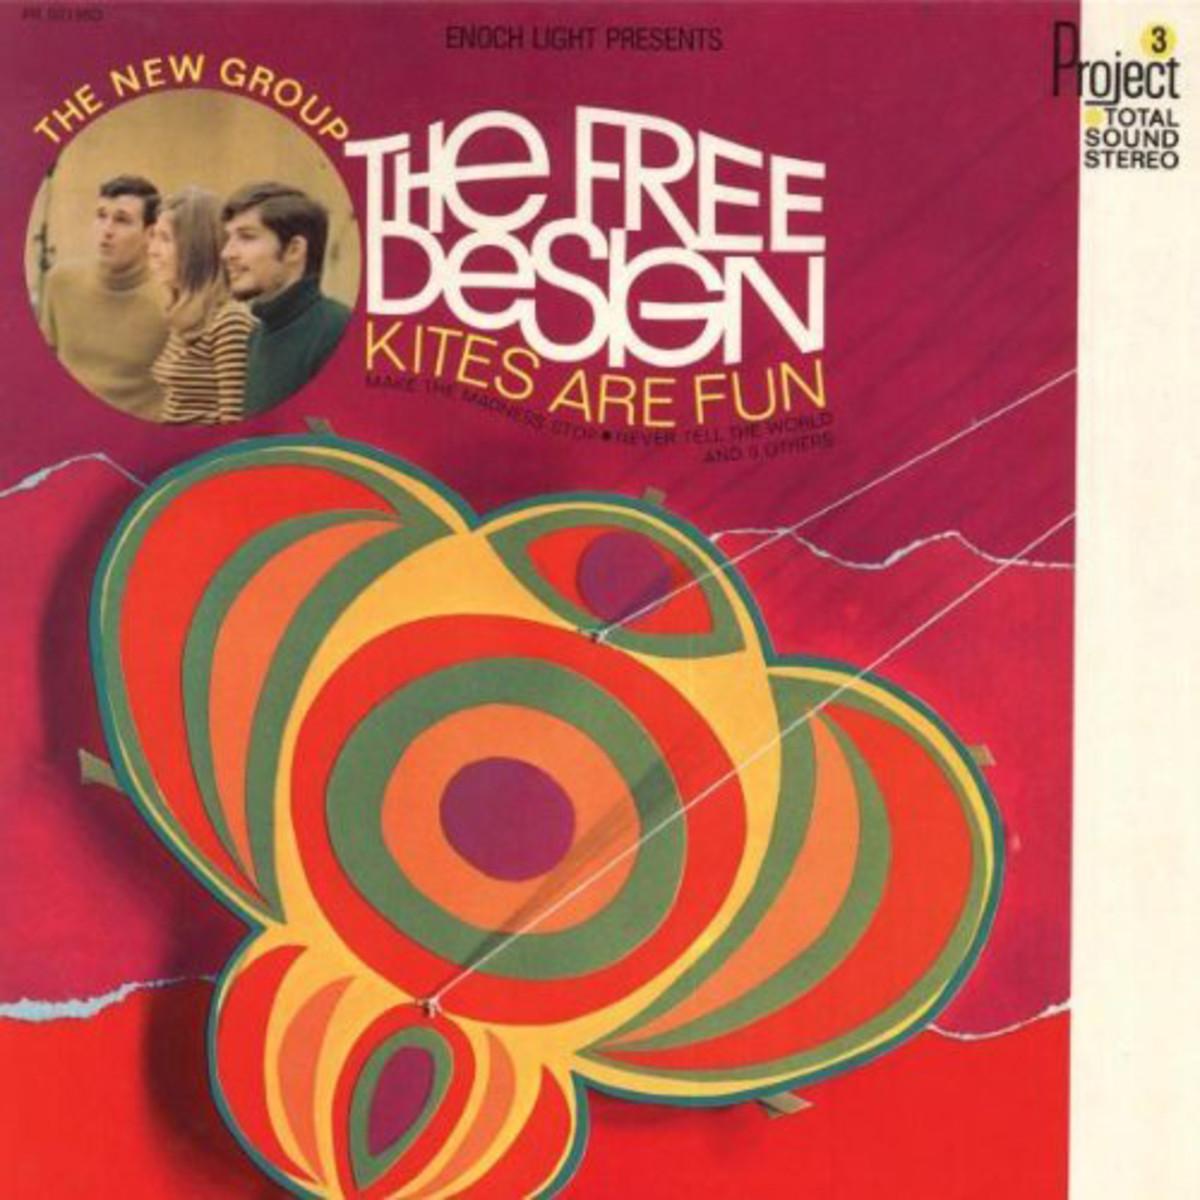 Kites Are Fun —The Free Design